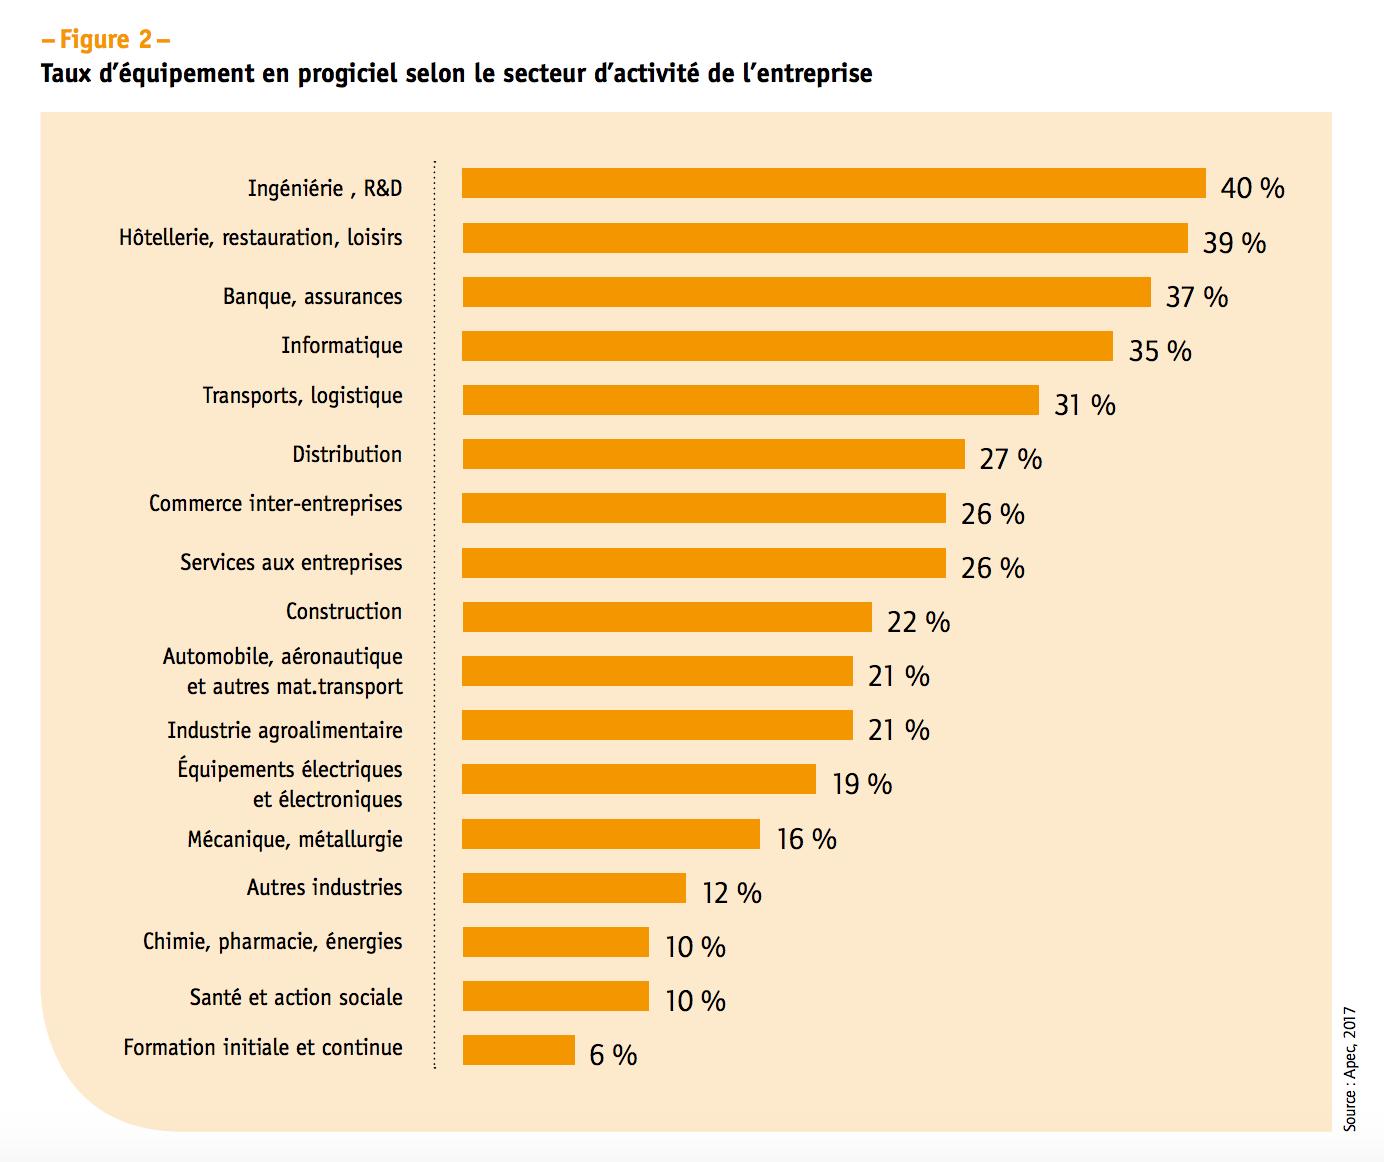 Equipement progiciels recrutement selon secteur des entreprises